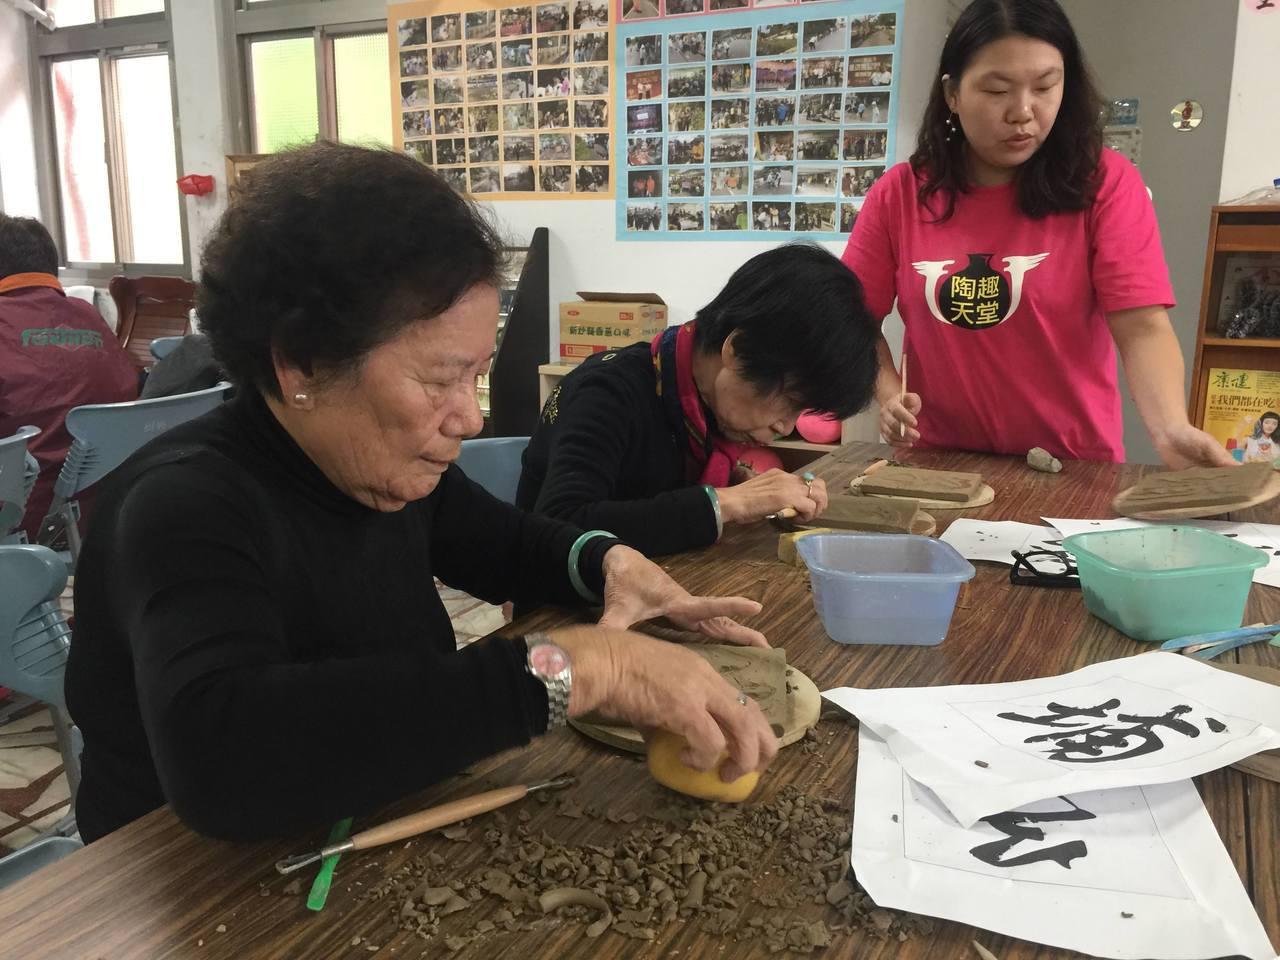 淡水區樹興里社區手作陶板DIY活動,長輩們將聚落地名製作出陶板造型,在燒製成品後...